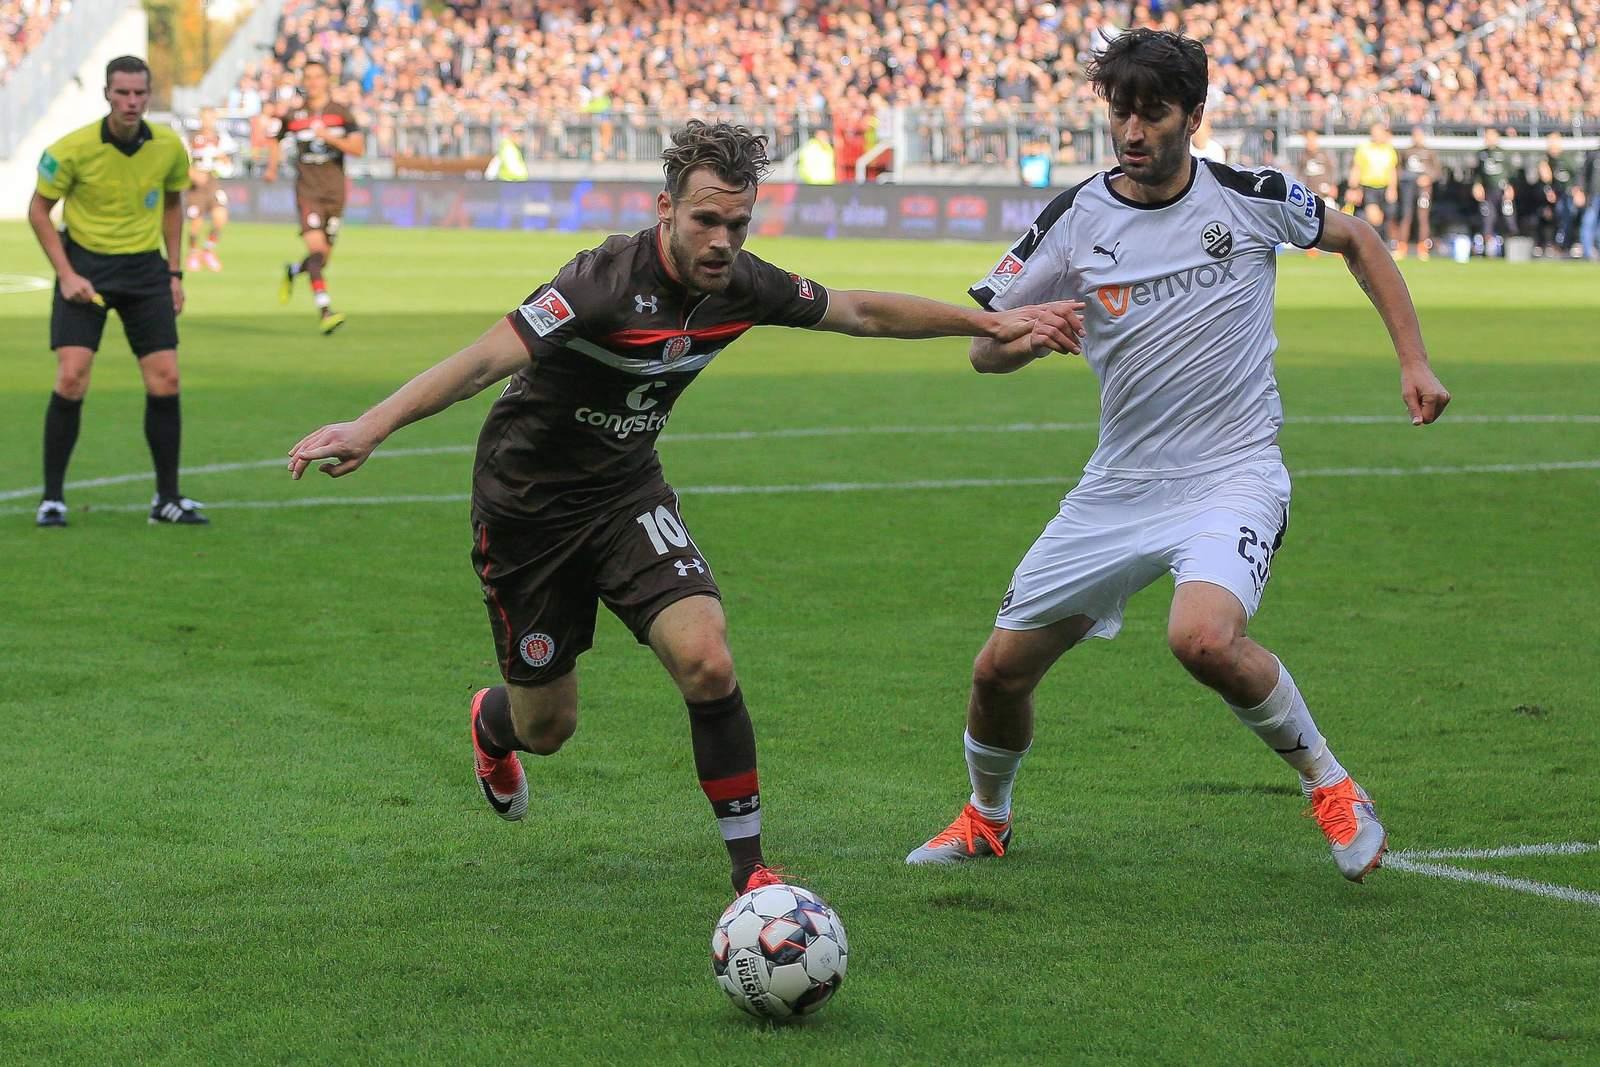 Christopher Buchtmann vom FC St. Pauli gegen Markus Karl vom SV Sandhausen